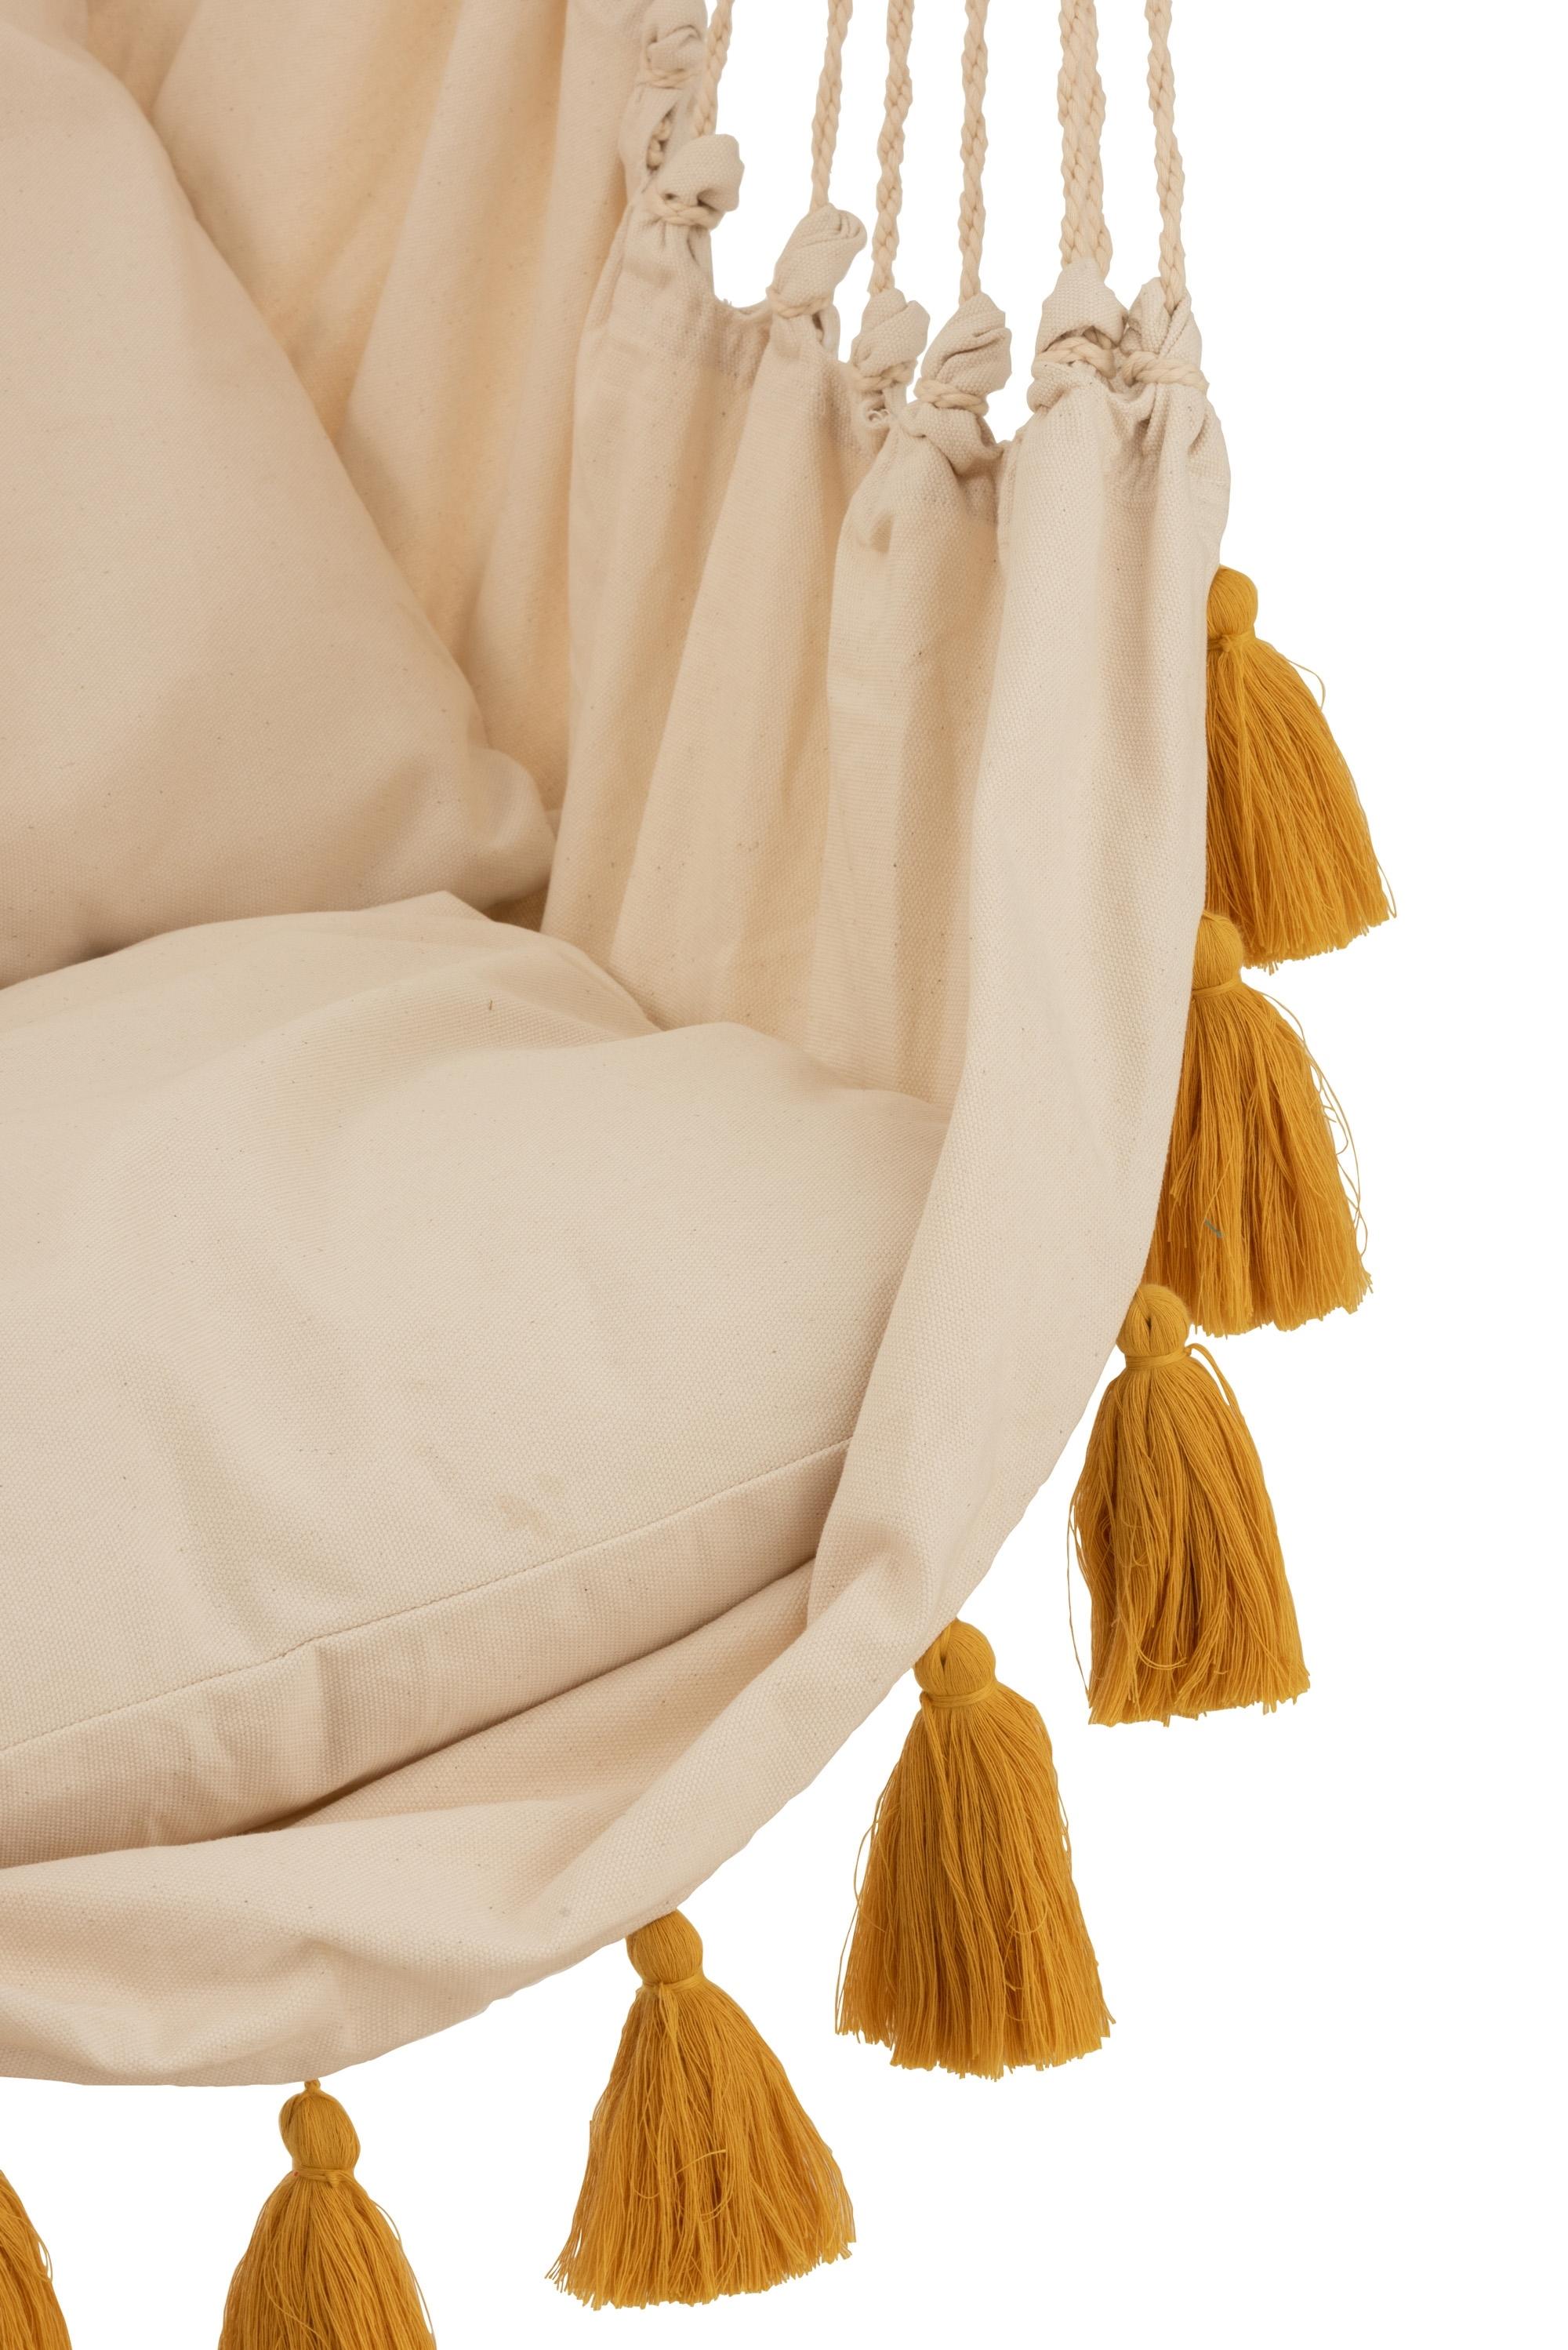 Krzesło hamak Borla Krem Bawełniany / Oc her - zdjęcie nr 3